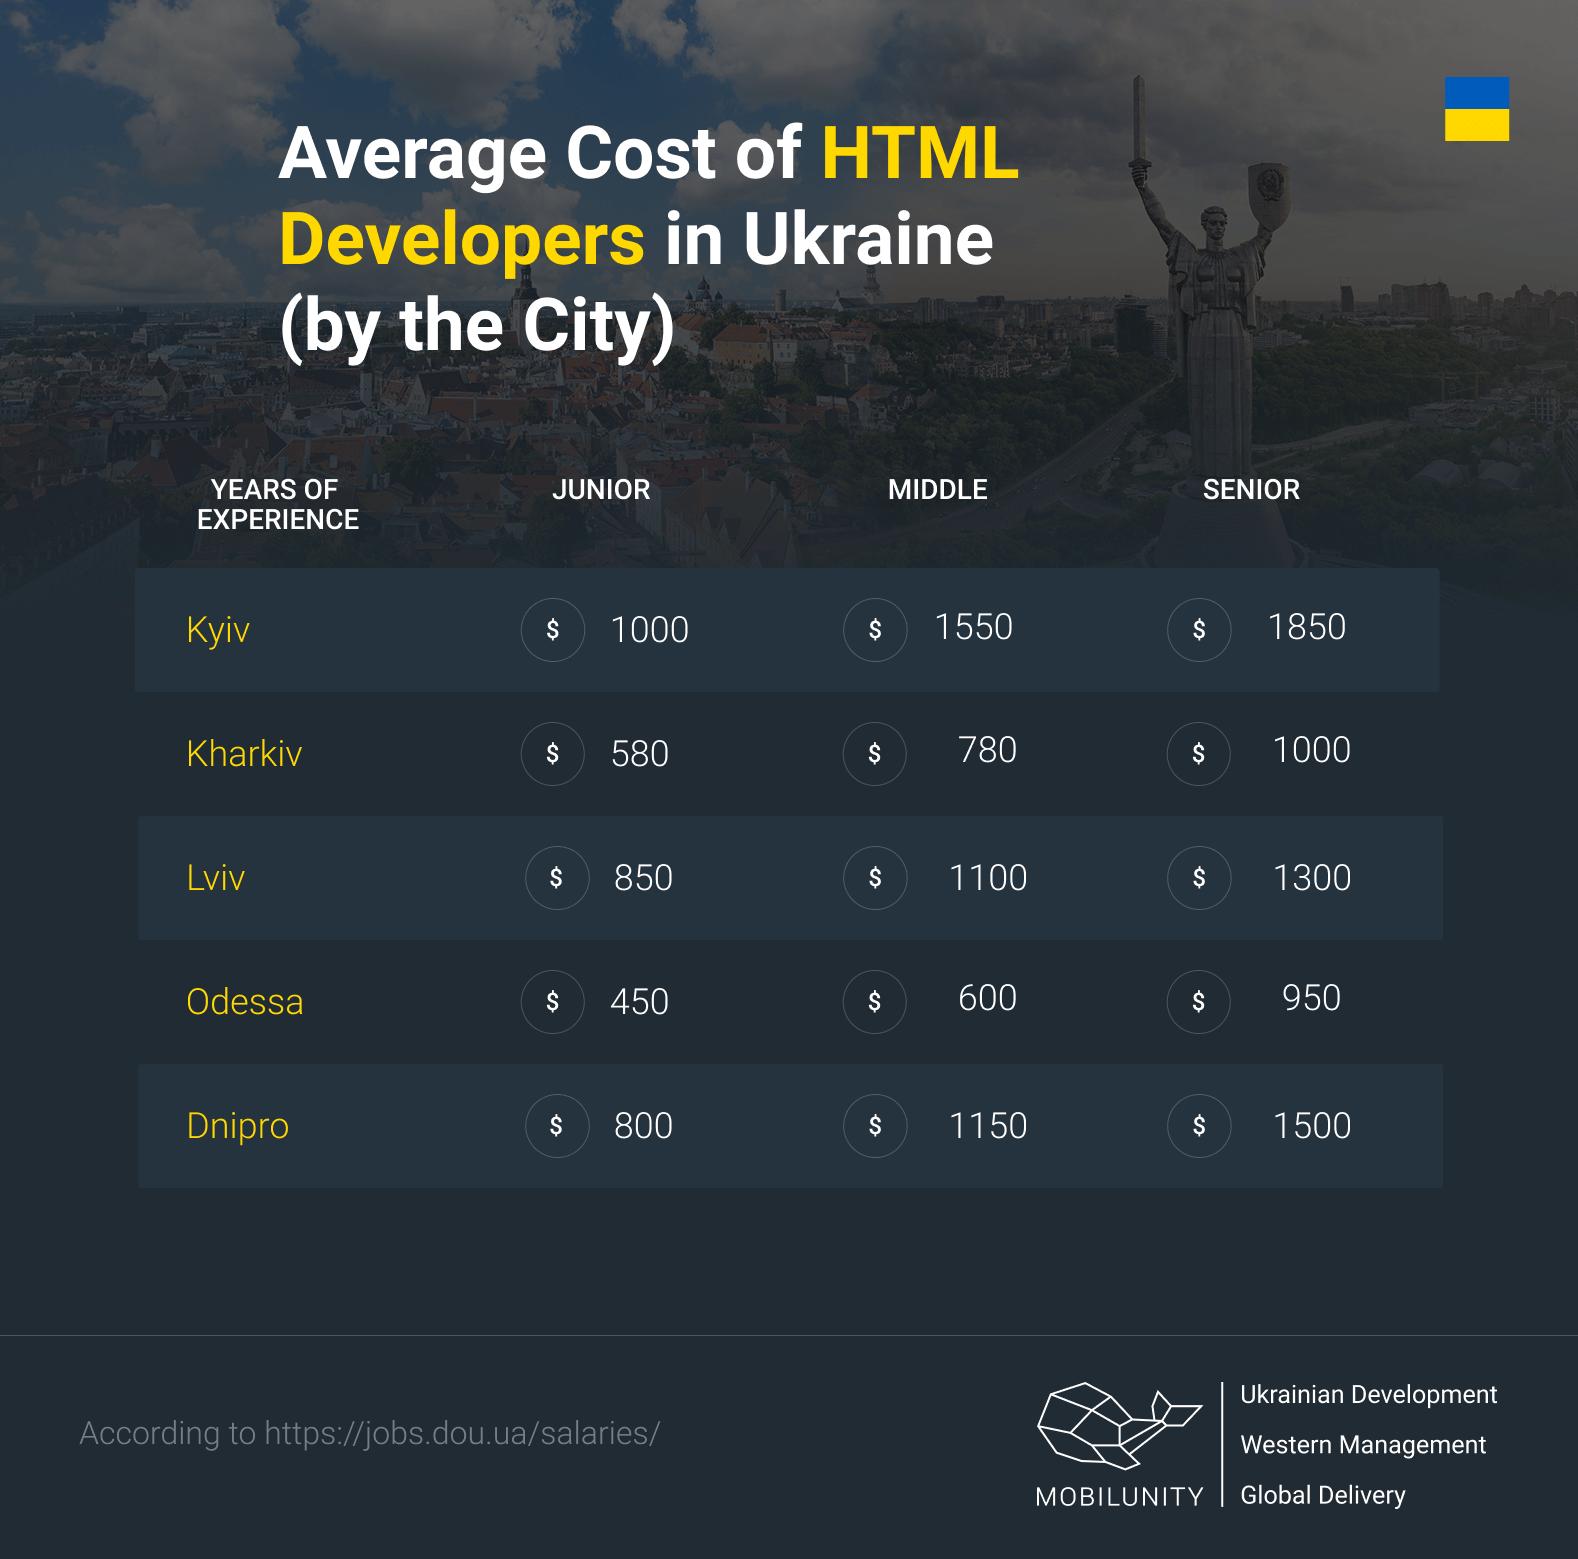 html5 developer salary